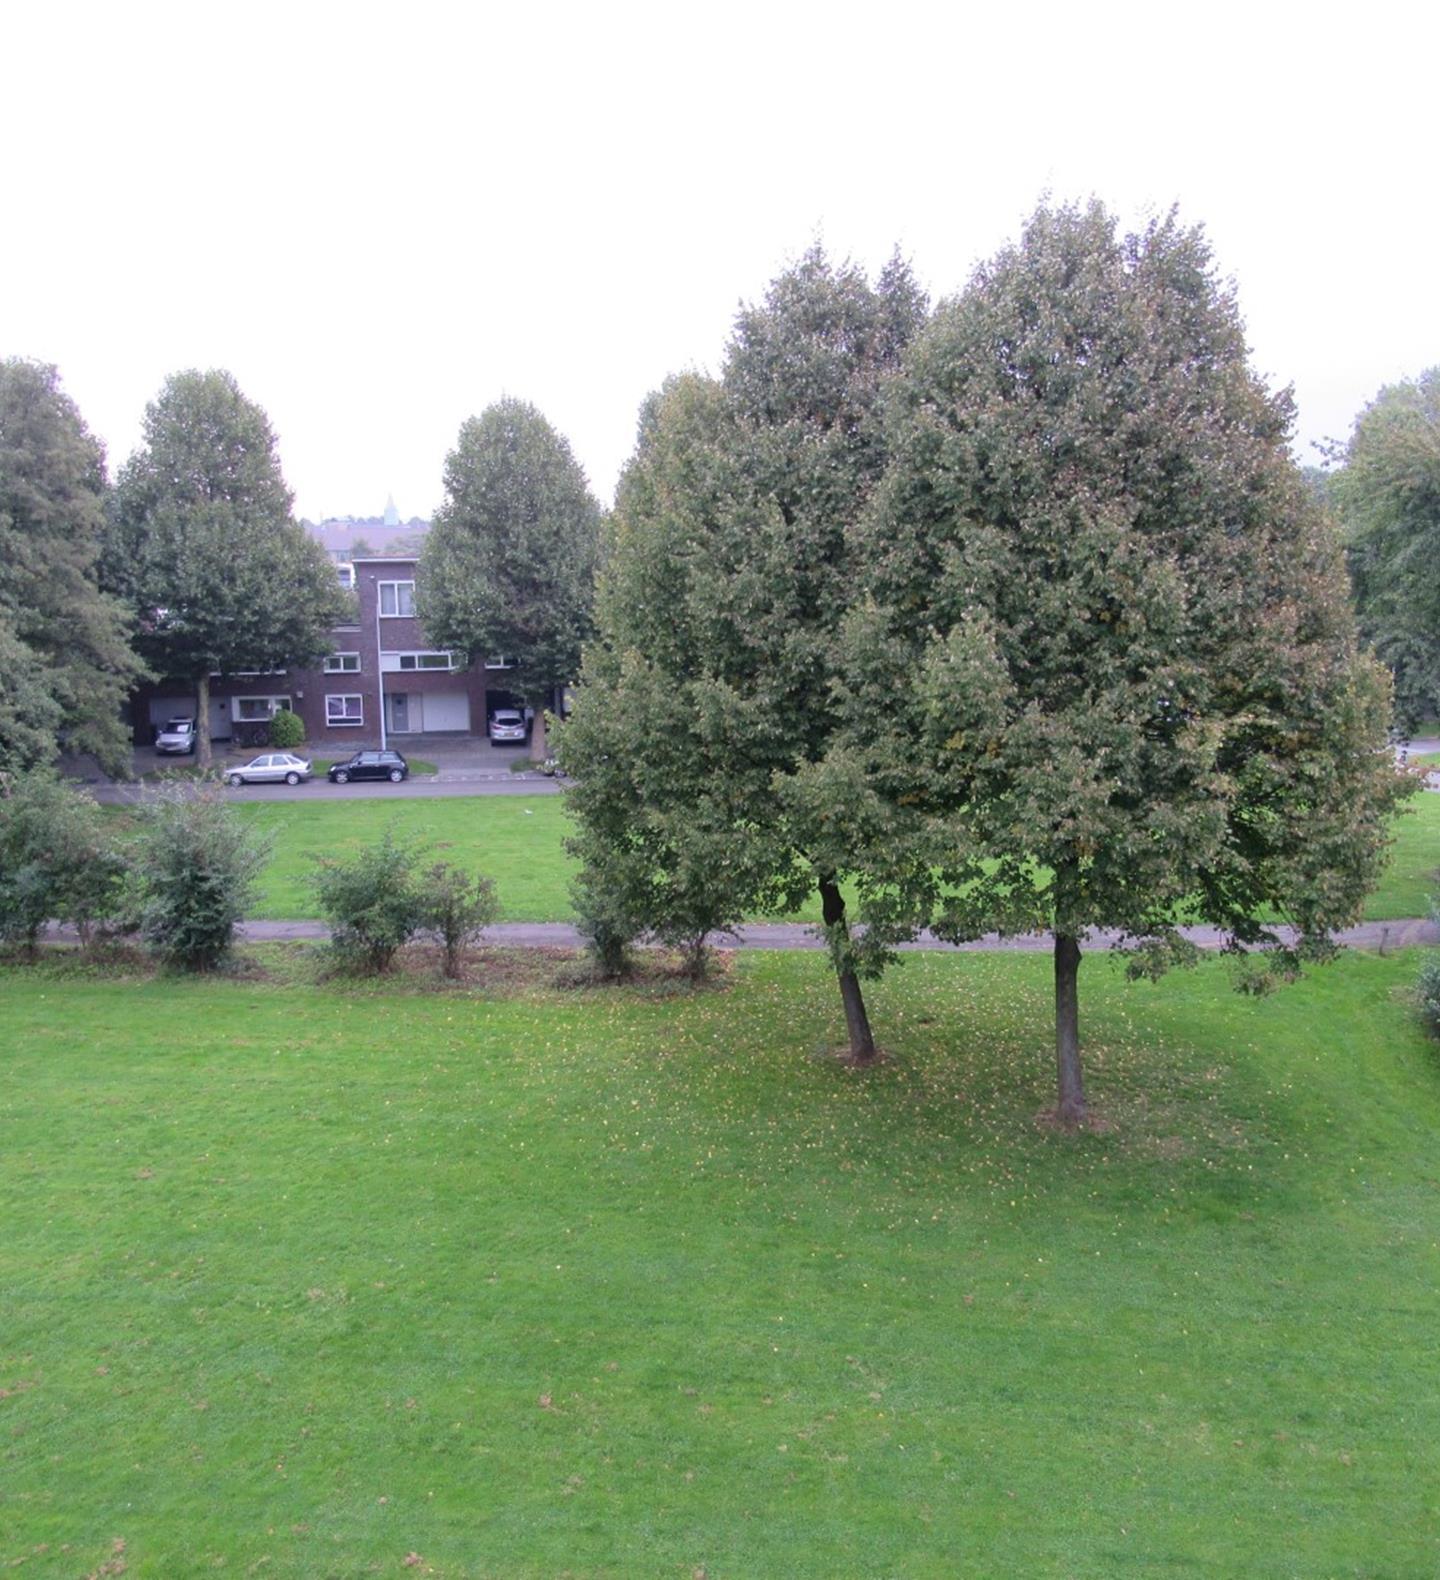 Wolkammersdreef, Maastricht